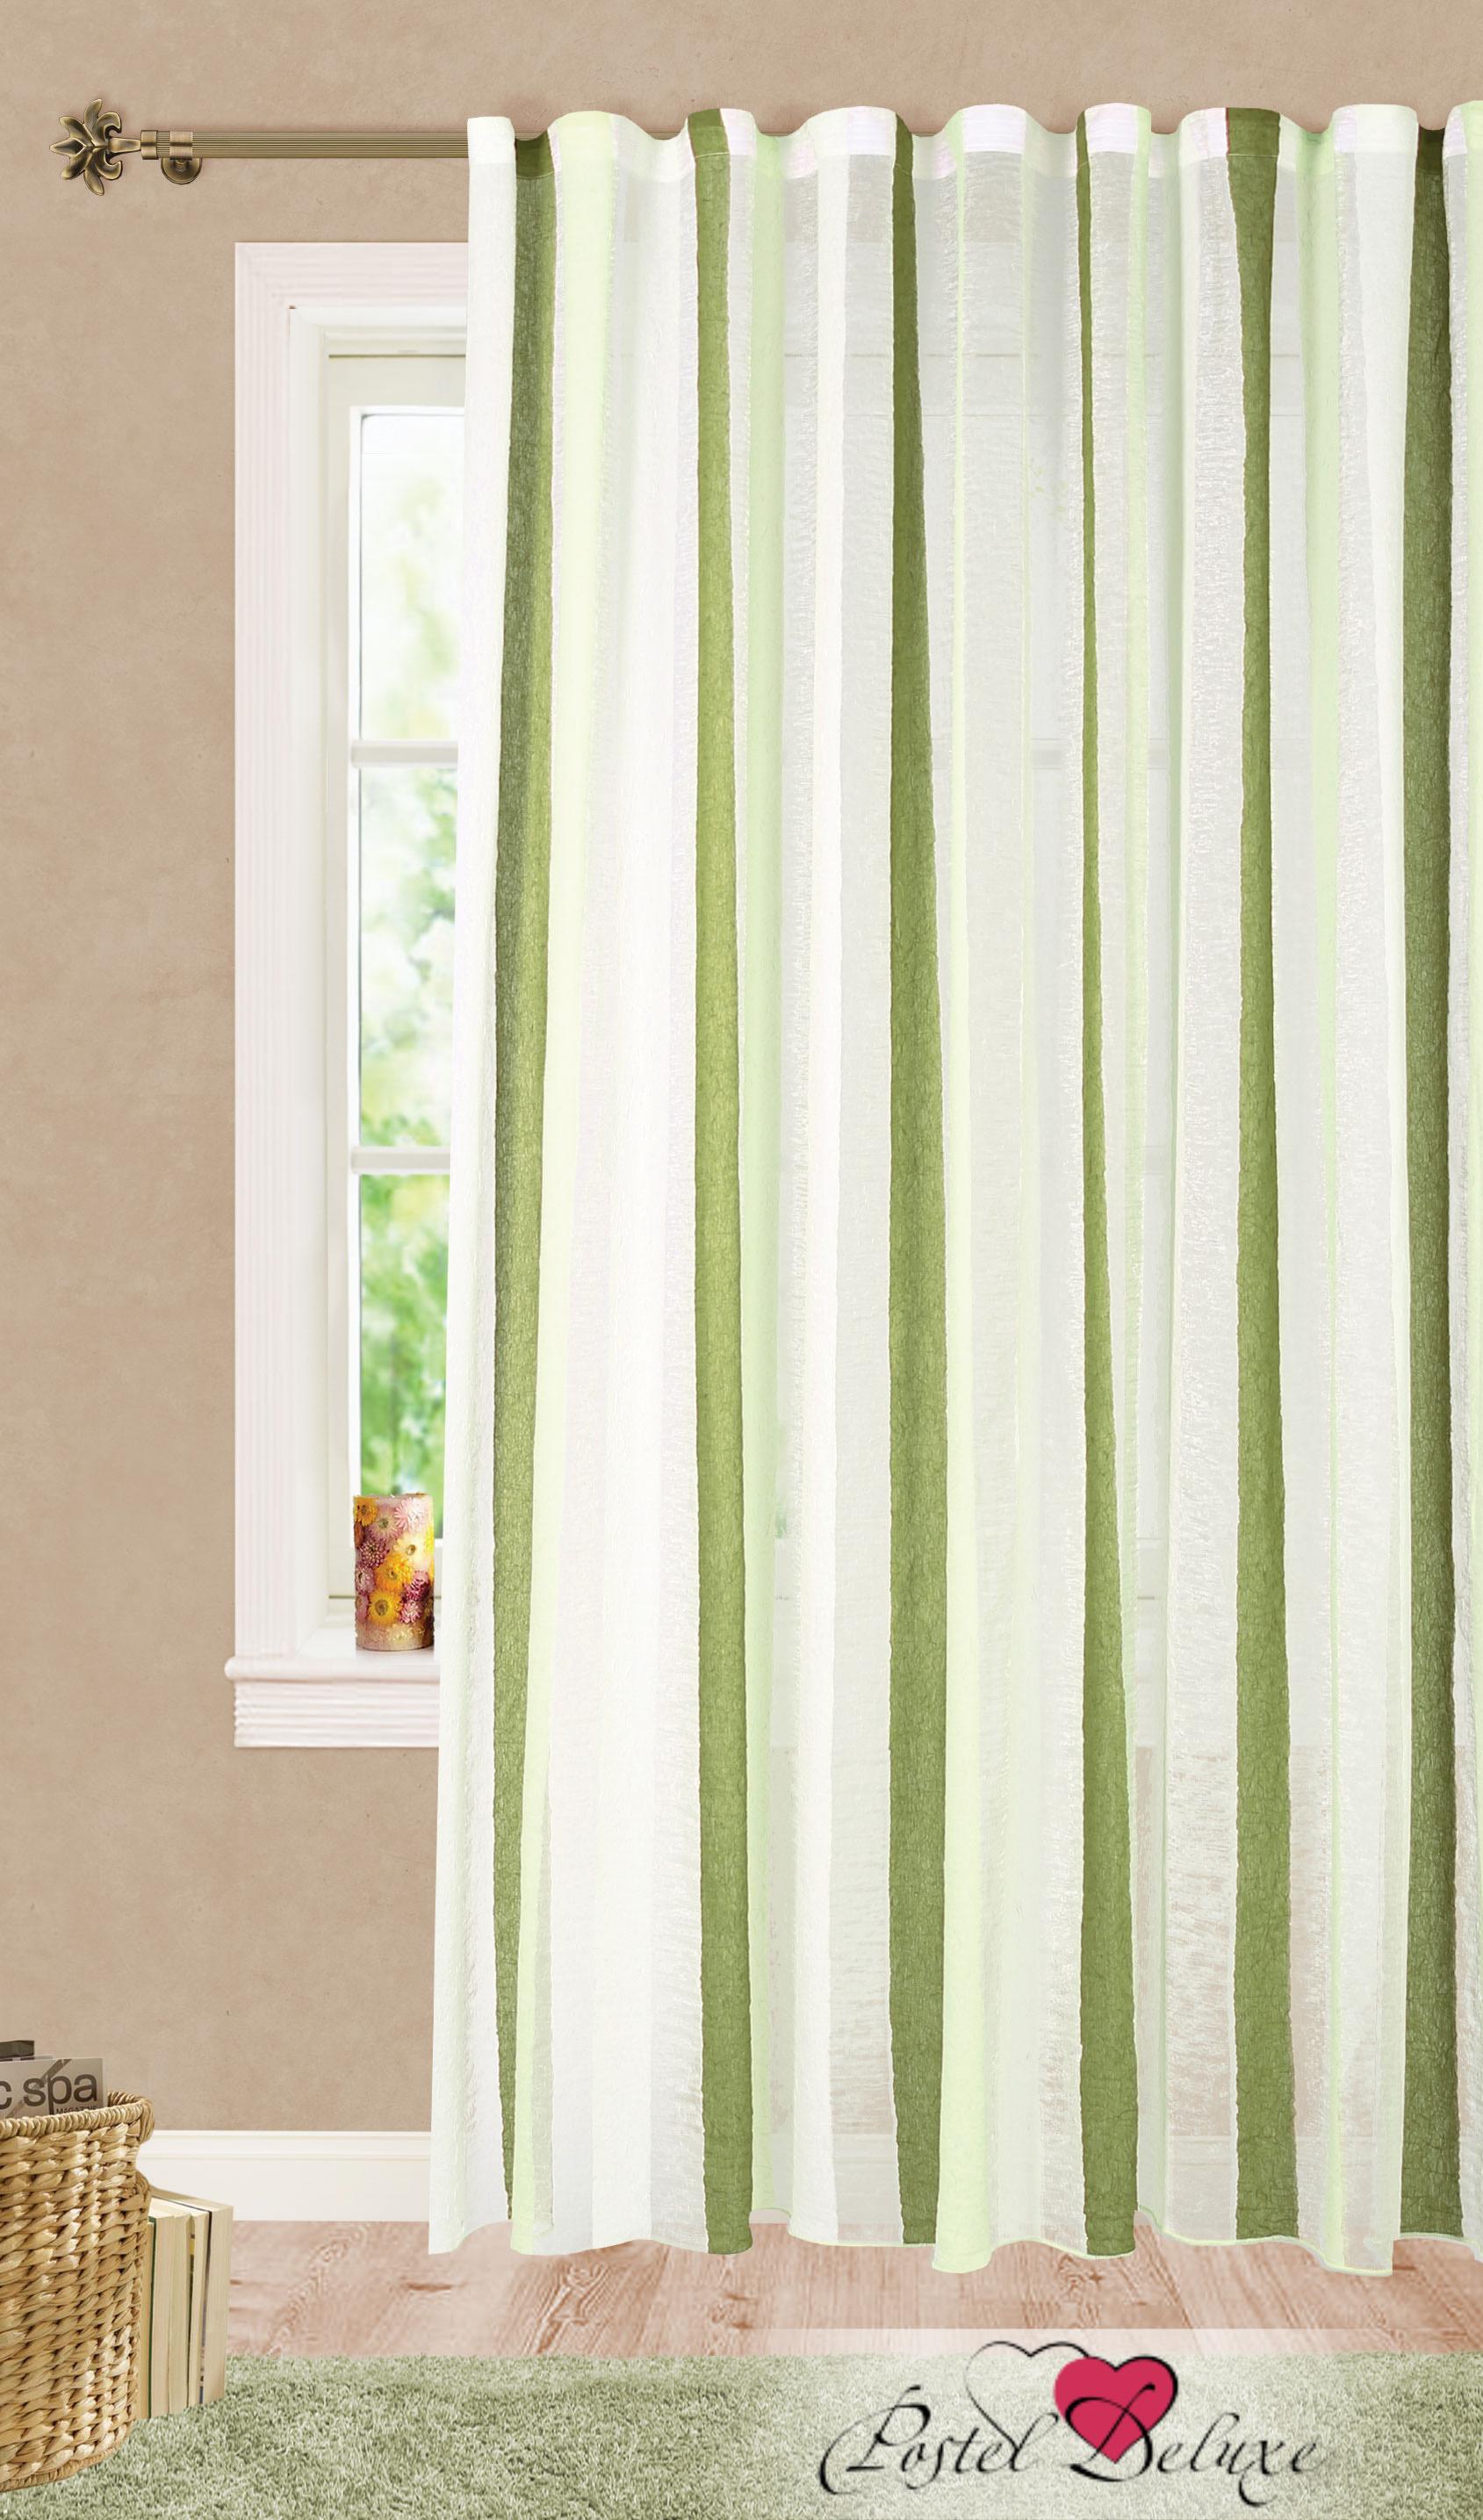 Шторы Garden Классические шторы Линия Цвет: Зеленый шторы tac классические шторы winx цвет персиковый 200x265 см